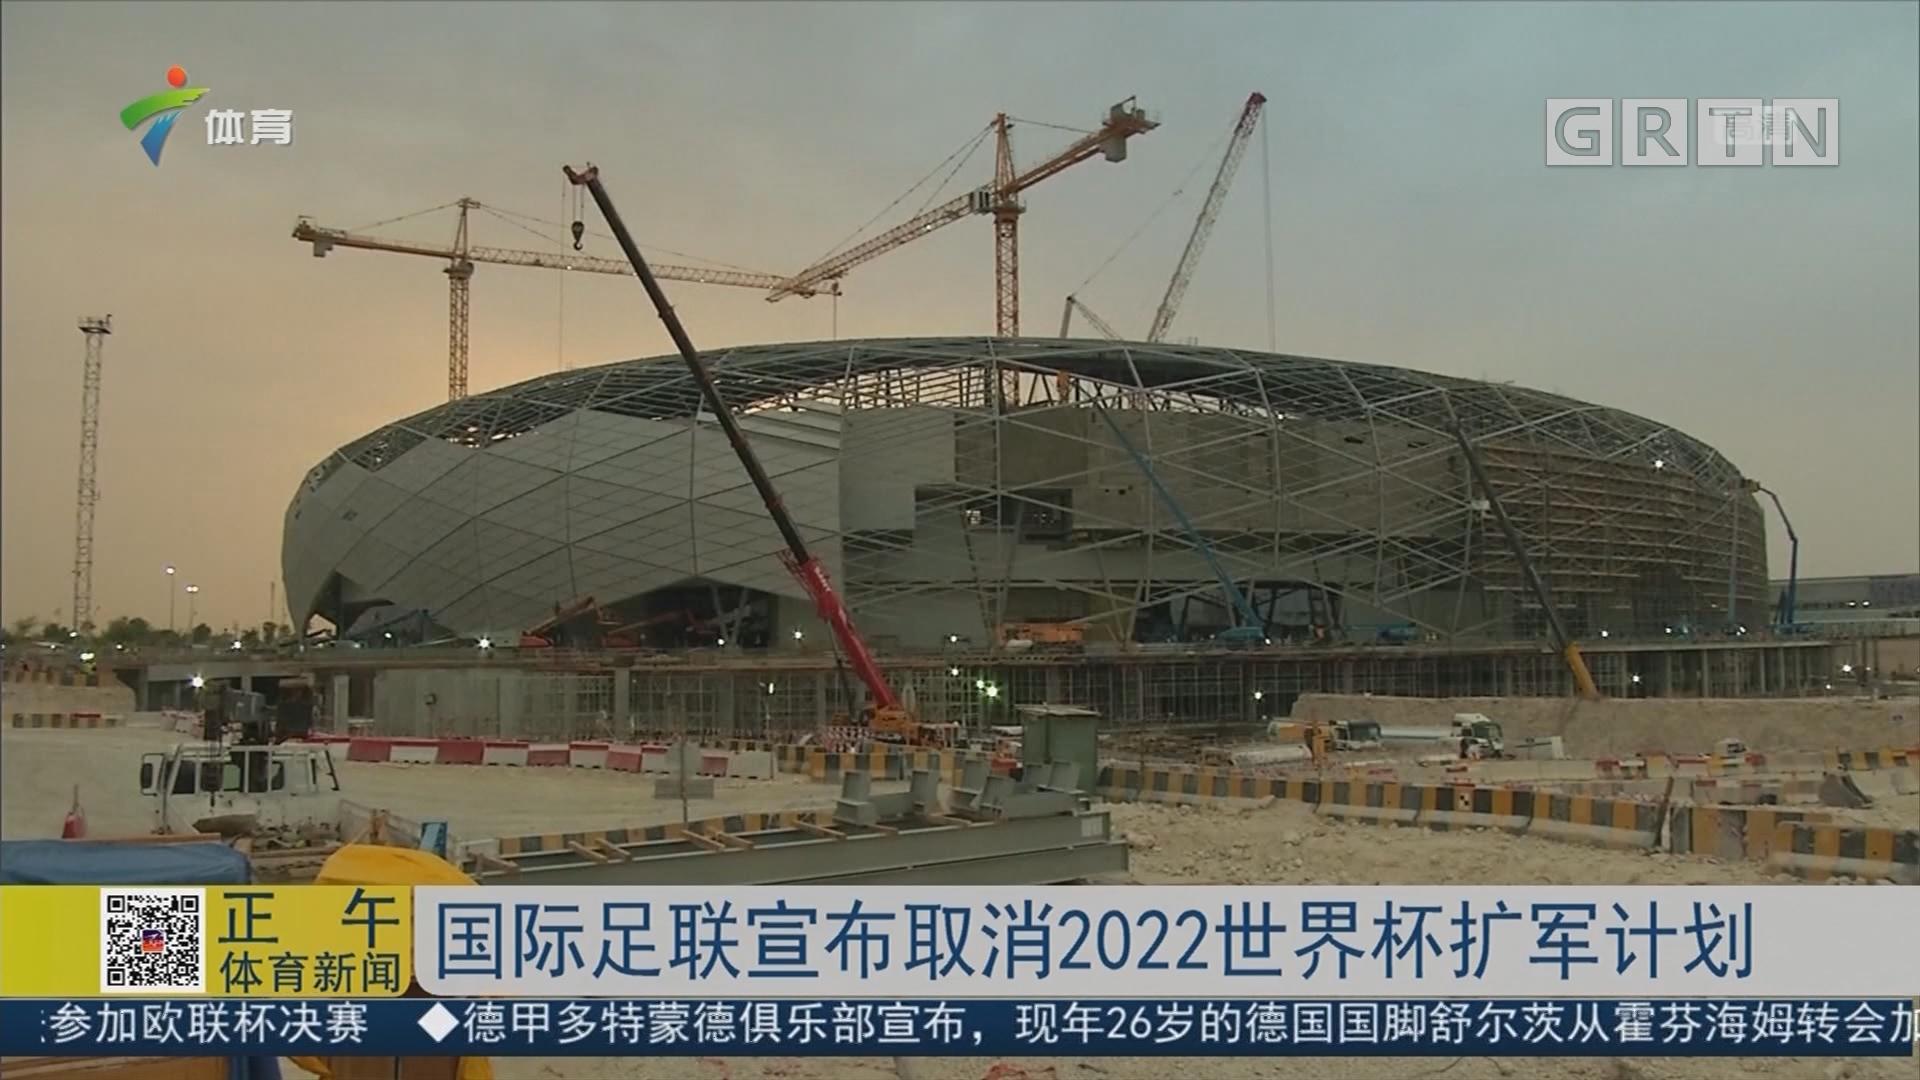 国际足联宣布取消2022世界杯扩军计划